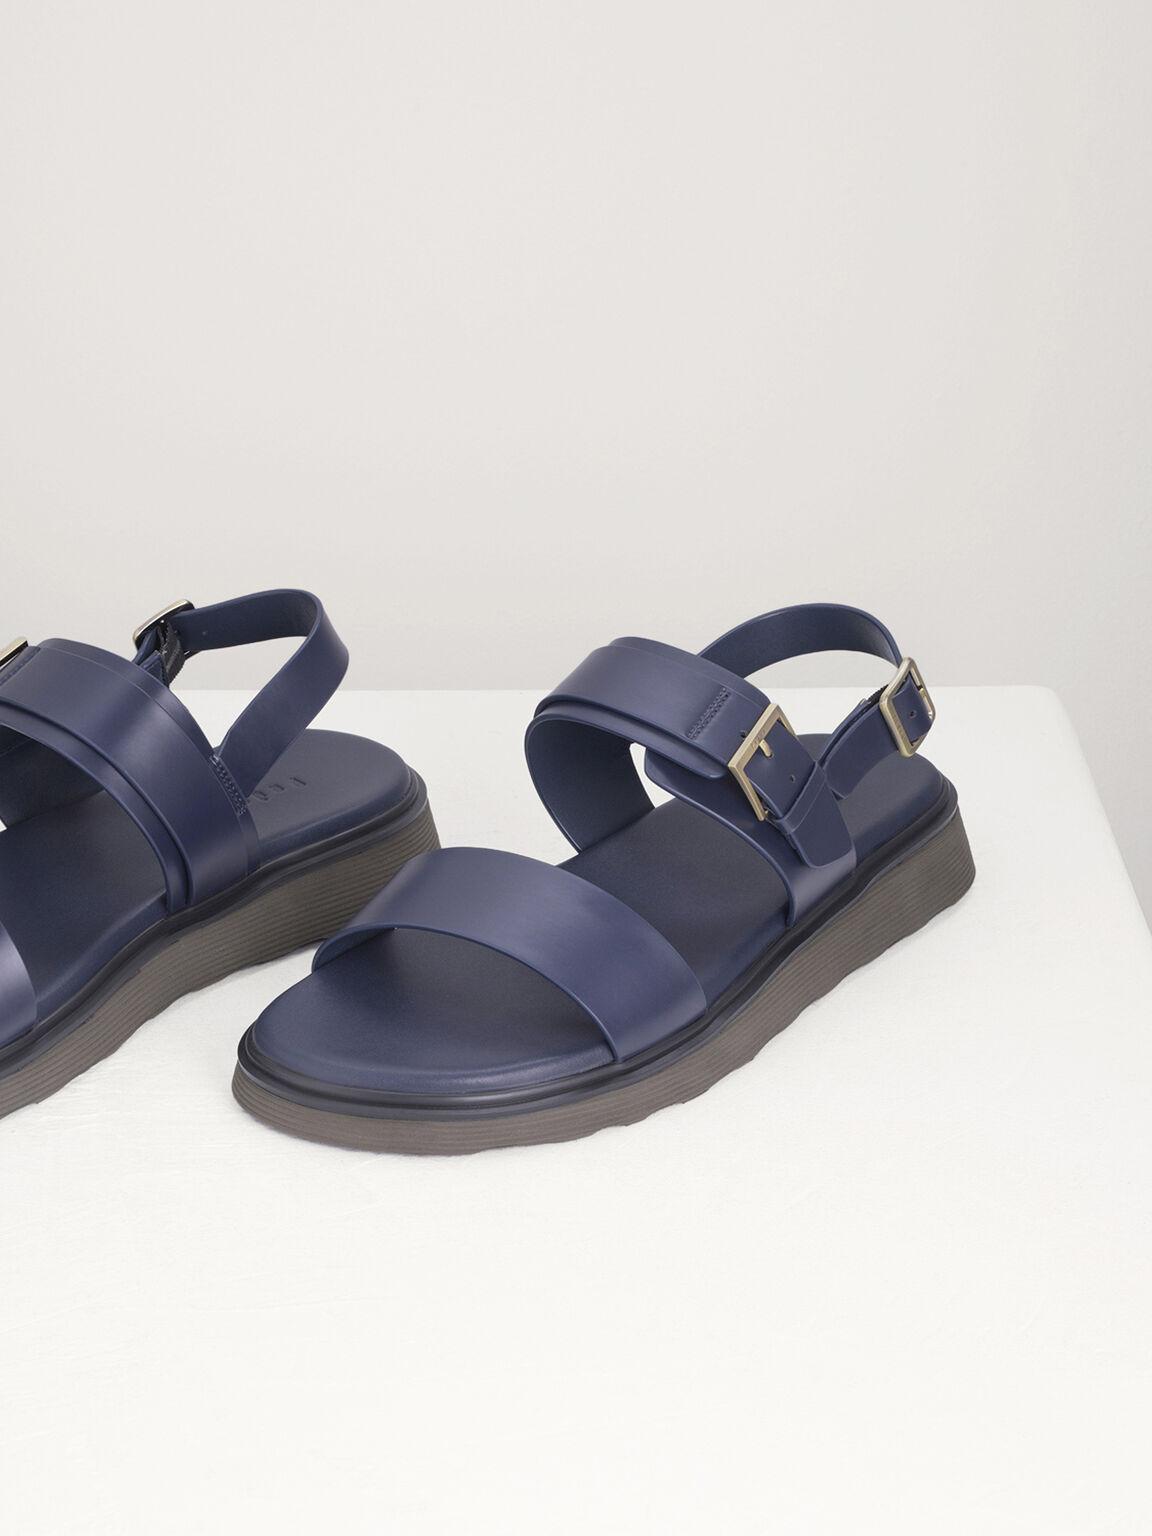 Buckled Sling Back Sandals, Navy, hi-res